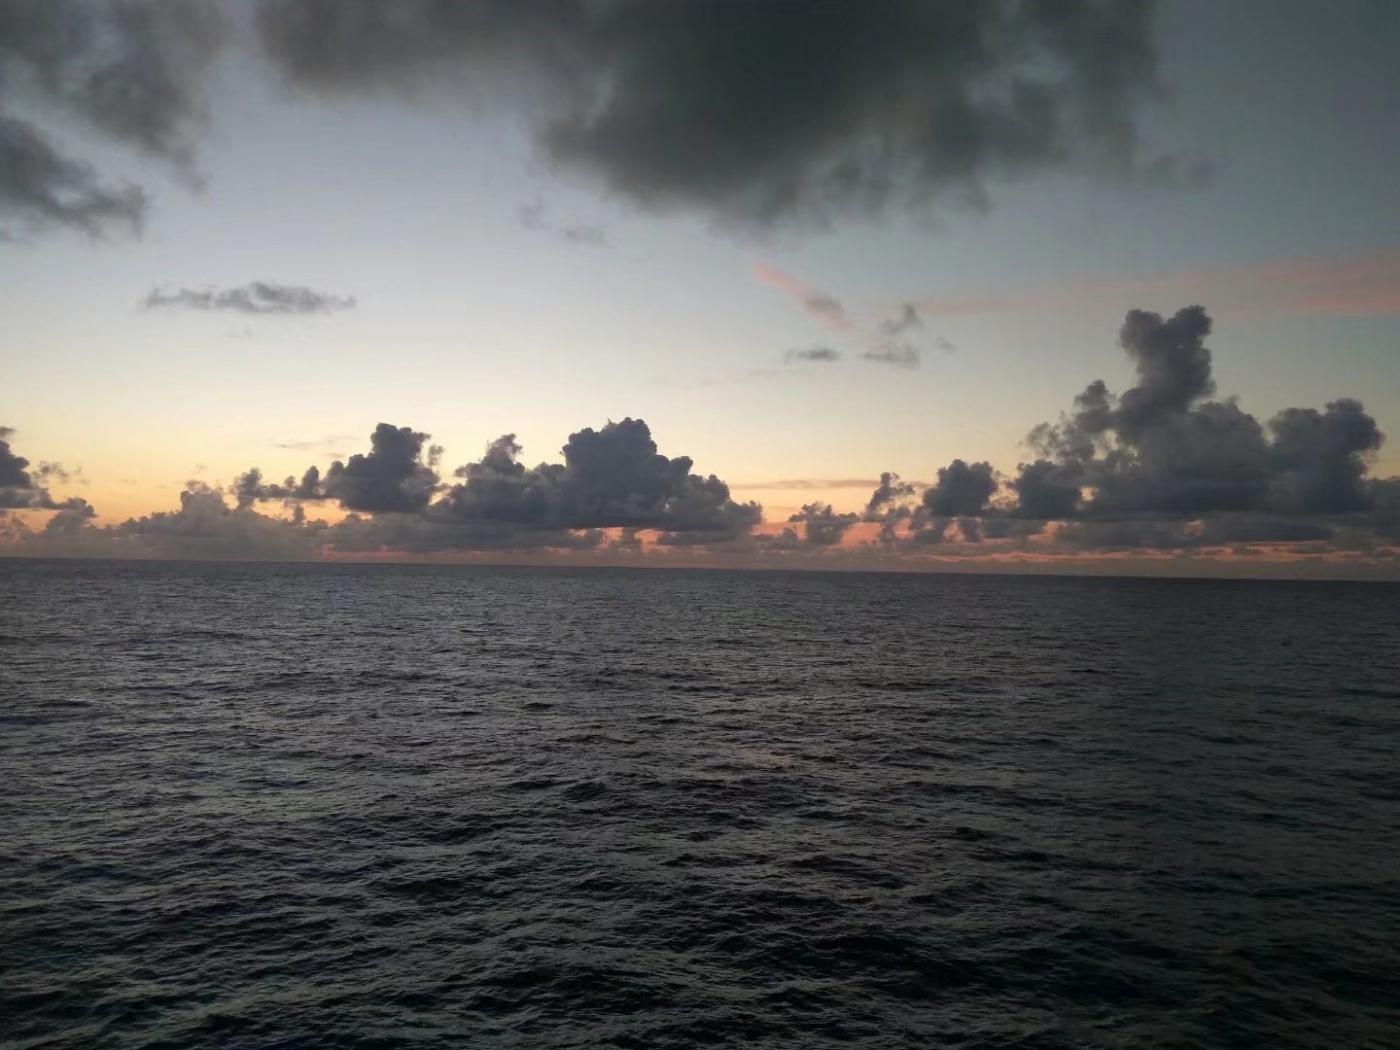 加勒比海日出(圖)_圖1-11